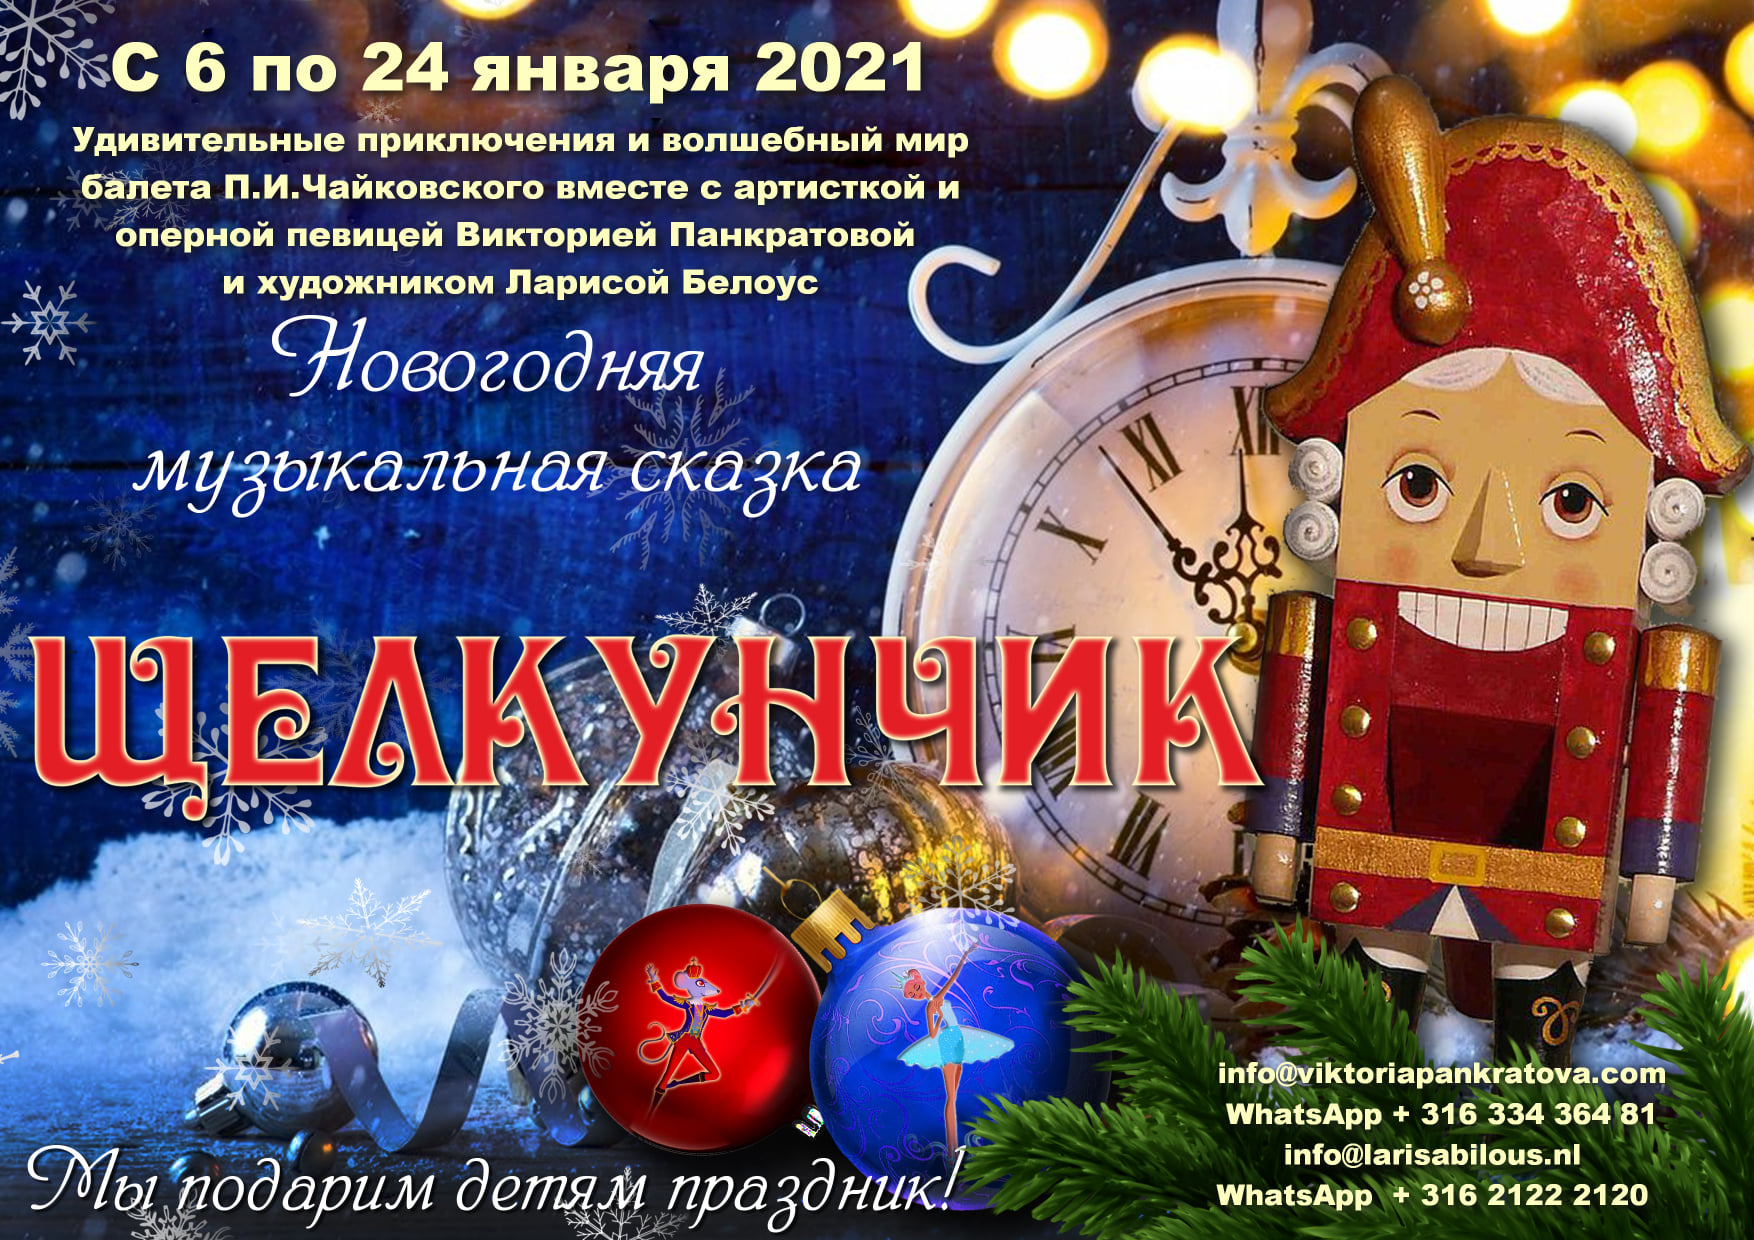 6 – 24 января: «Путешествие в новогоднюю сказку «Щелкунчик» Чайковского»